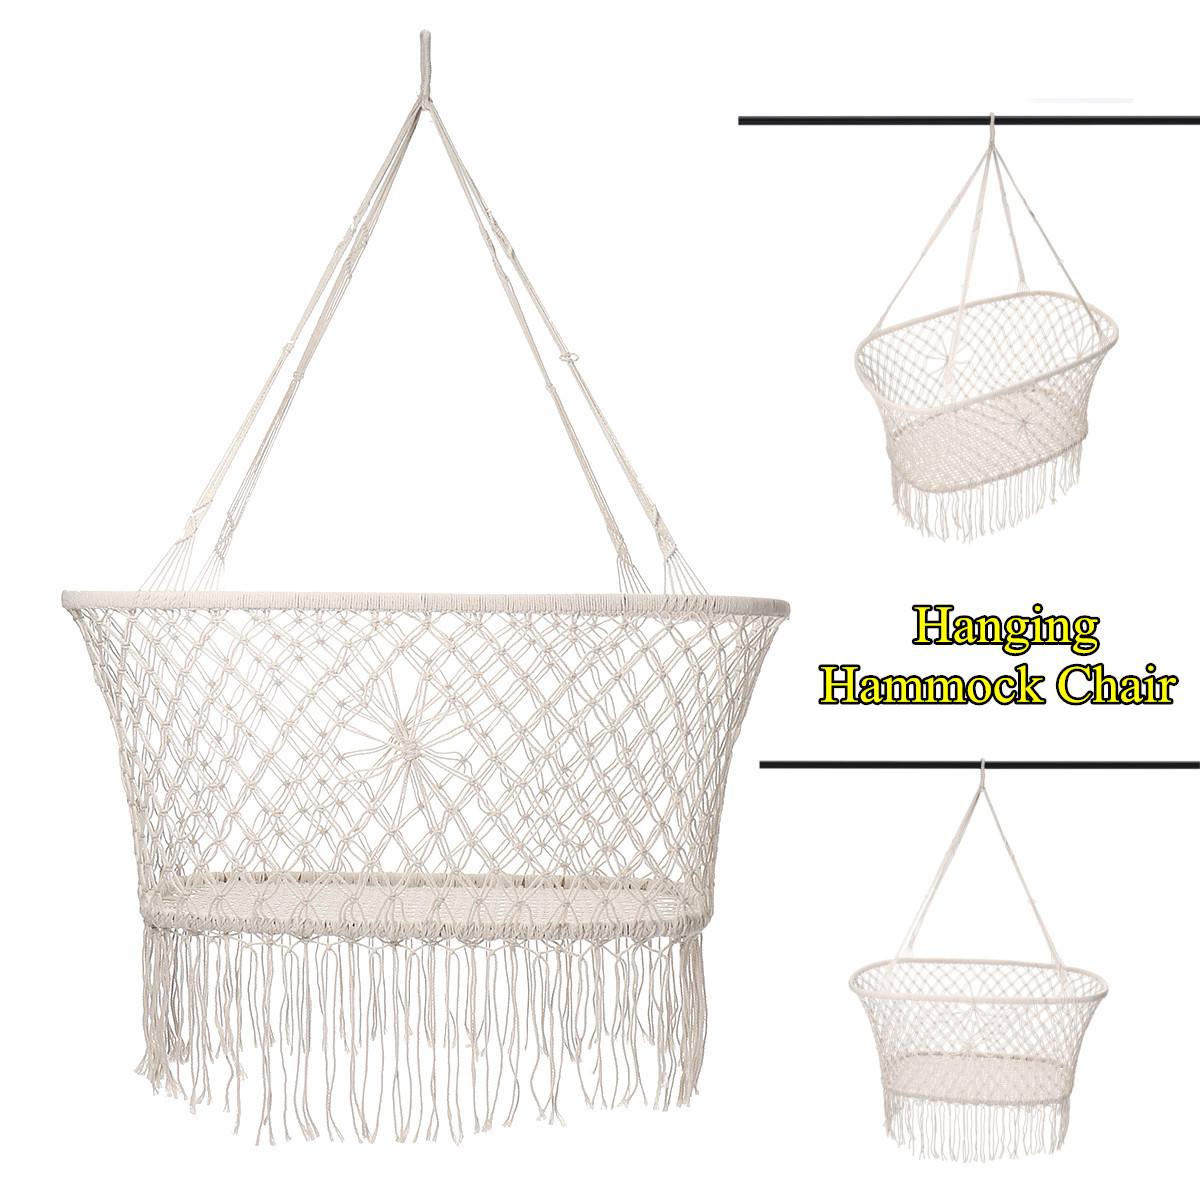 Corde de coton gland hamac chaise balançoire hamac enfants bascule sommeil lit intérieur extérieur suspendu seste enfant balançoire siège - 5